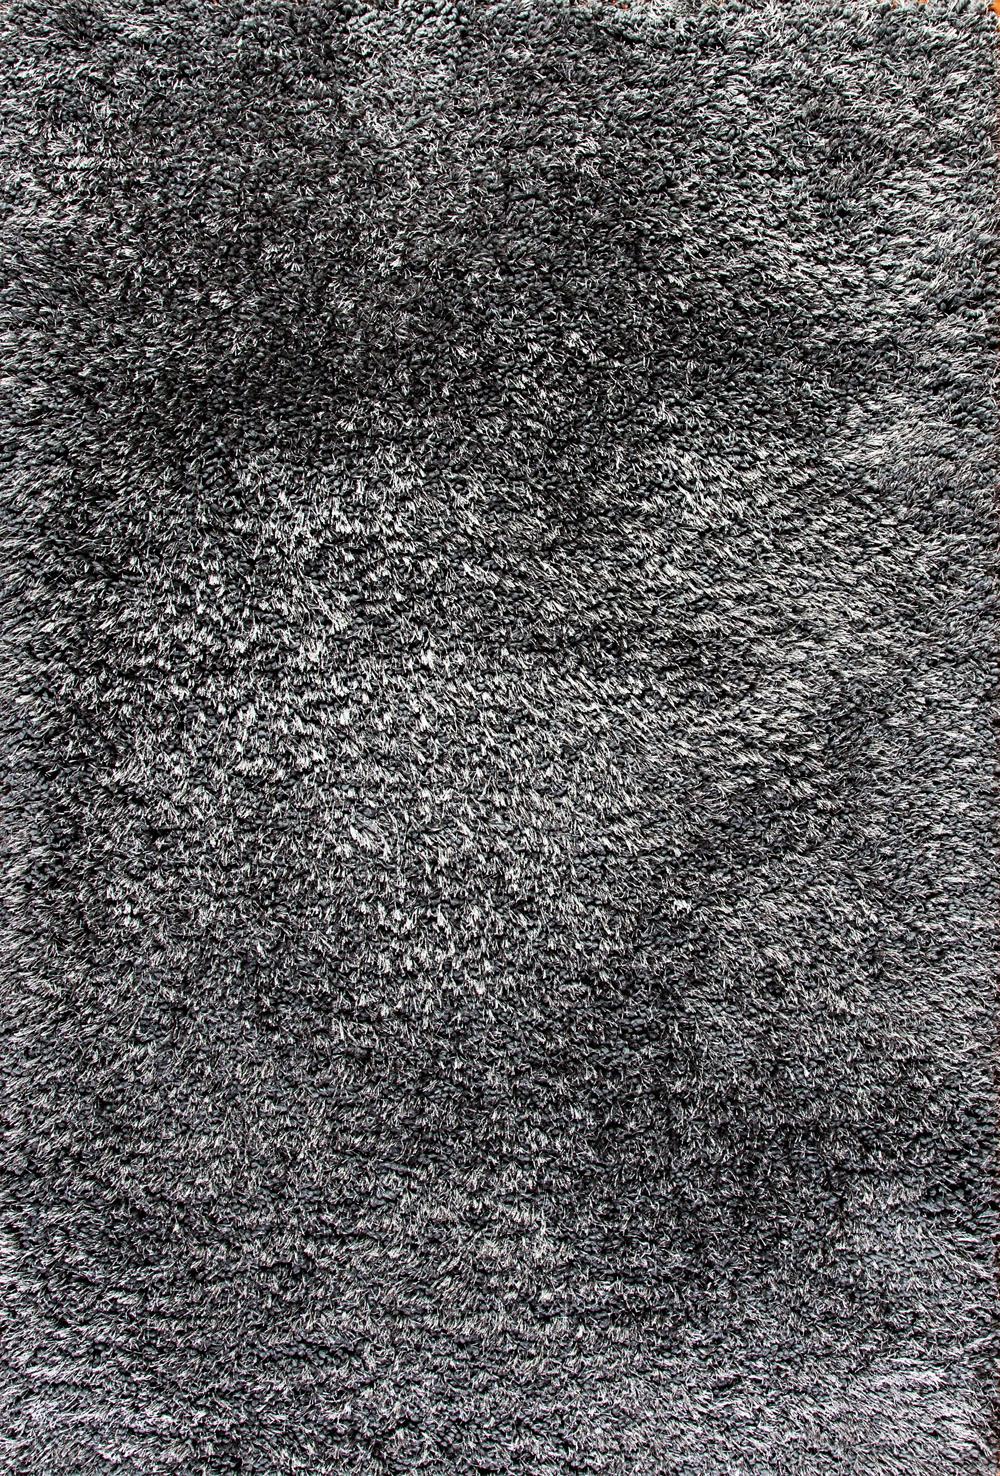 Dynamic FORTE 88601 BLACK-WHITE Rug